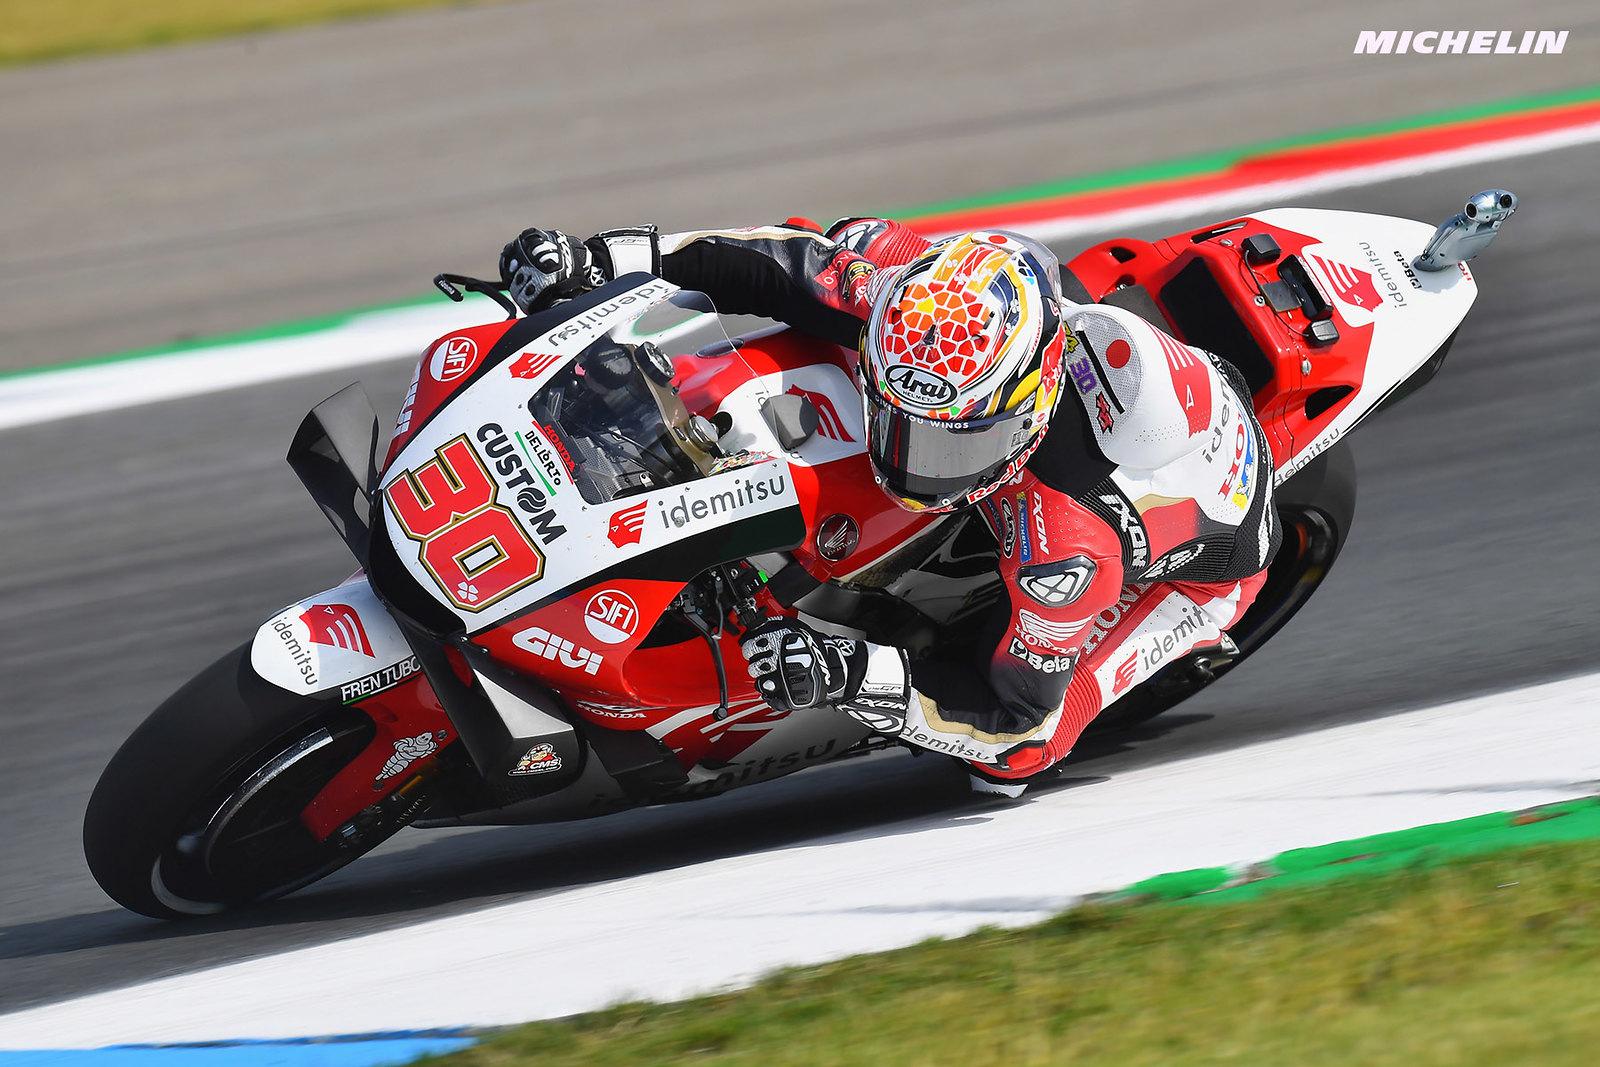 MotoGP2021 オランダGP 予選4位中上 貴晶「フロントローに接近出来ると思わなかった」